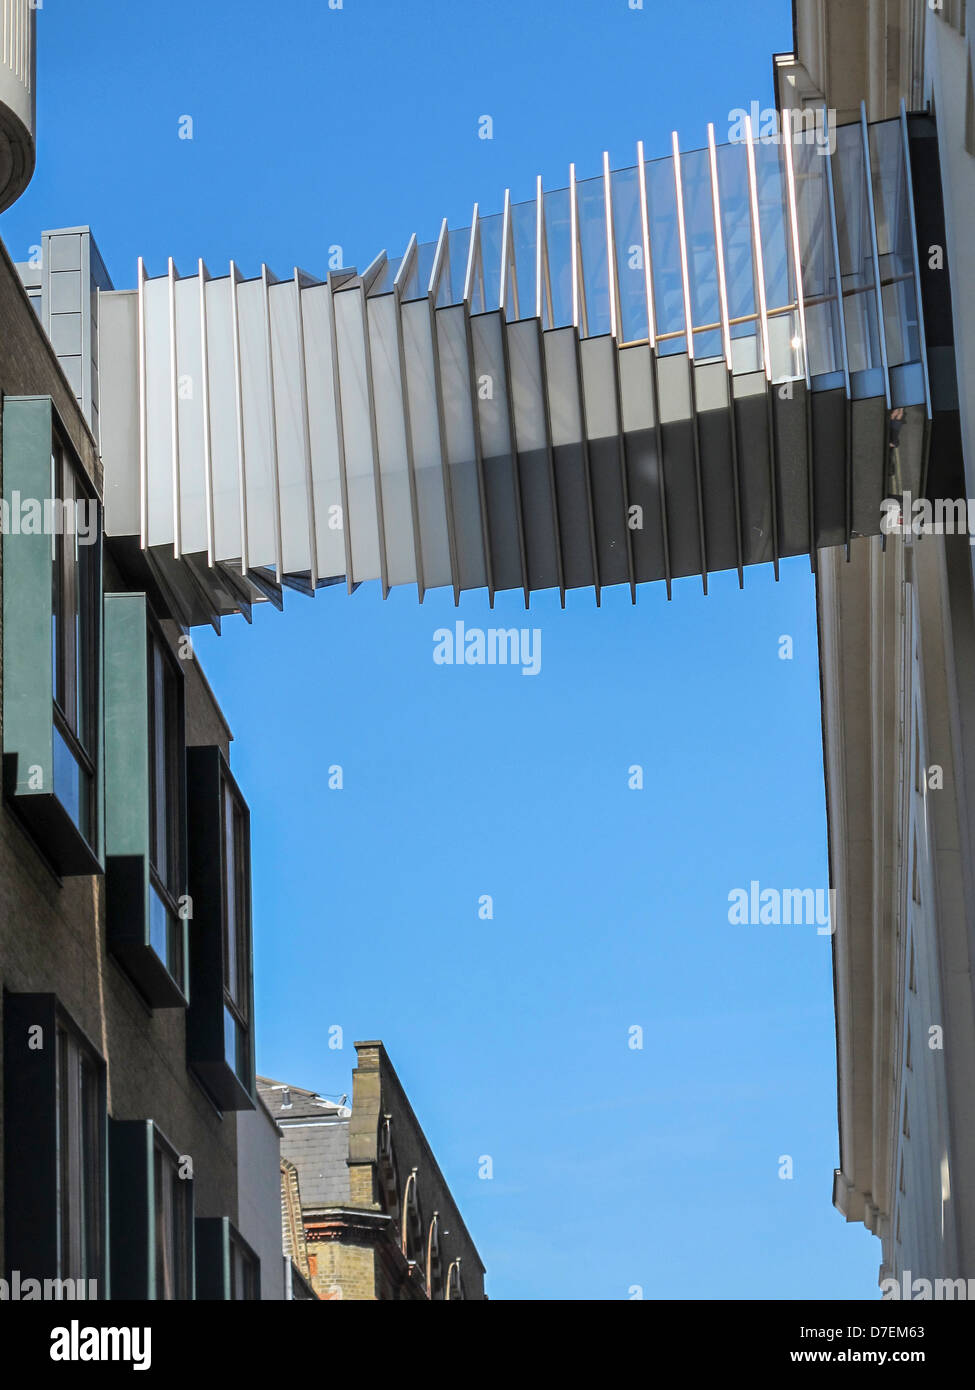 El Puente de aspiración se une a la Royal Opera House y la Royal Ballet School, Covent Garden, Londres Imagen De Stock